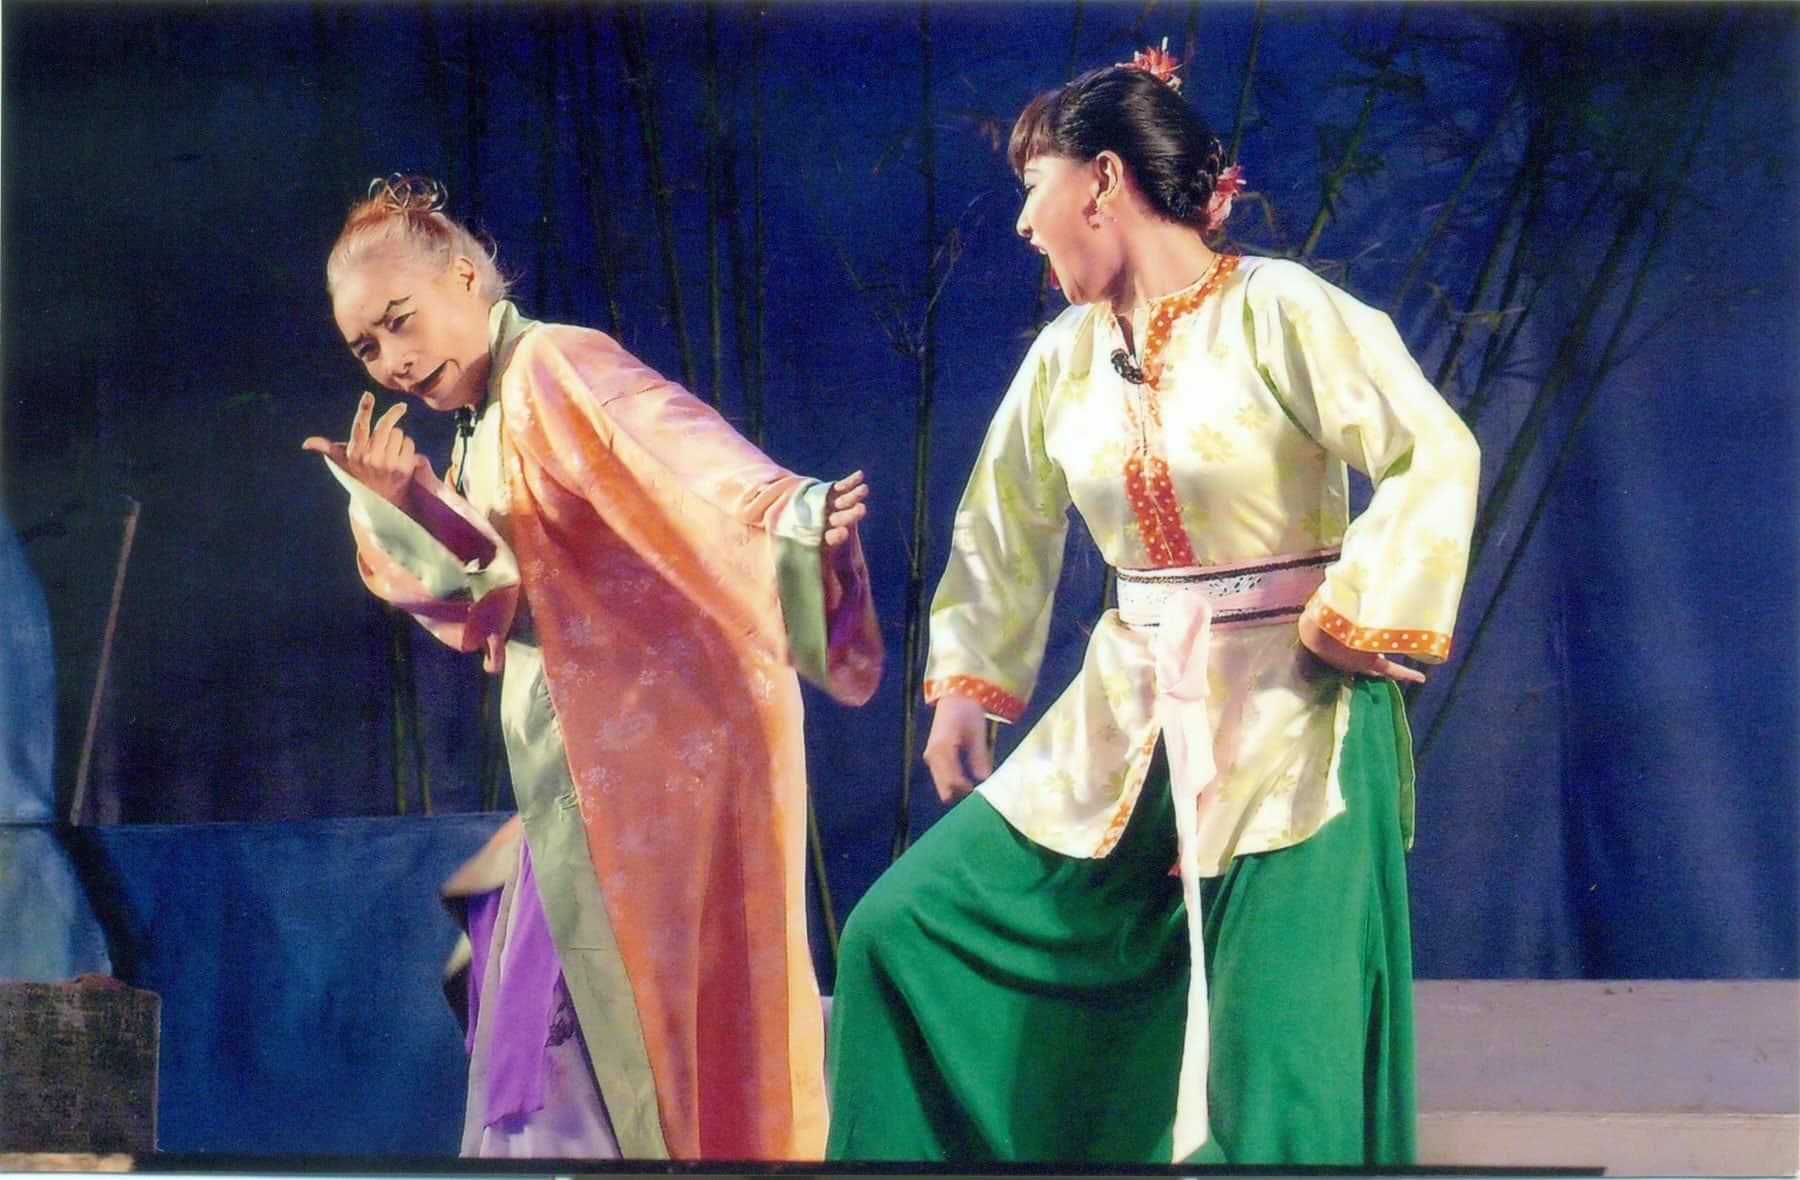 """Nữ """"quái kiệt"""" Bo Bo Hoàng và nghệ sĩ Cát Phượng trong vai mẹ con Cám - vở cải lương hài dân gian """"Tấm Cám"""" của tác giả Huy Trường - đã từng đem lại doanh thu cao cho Đoàn Cải lương tuồng cổ Huỳnh Long"""